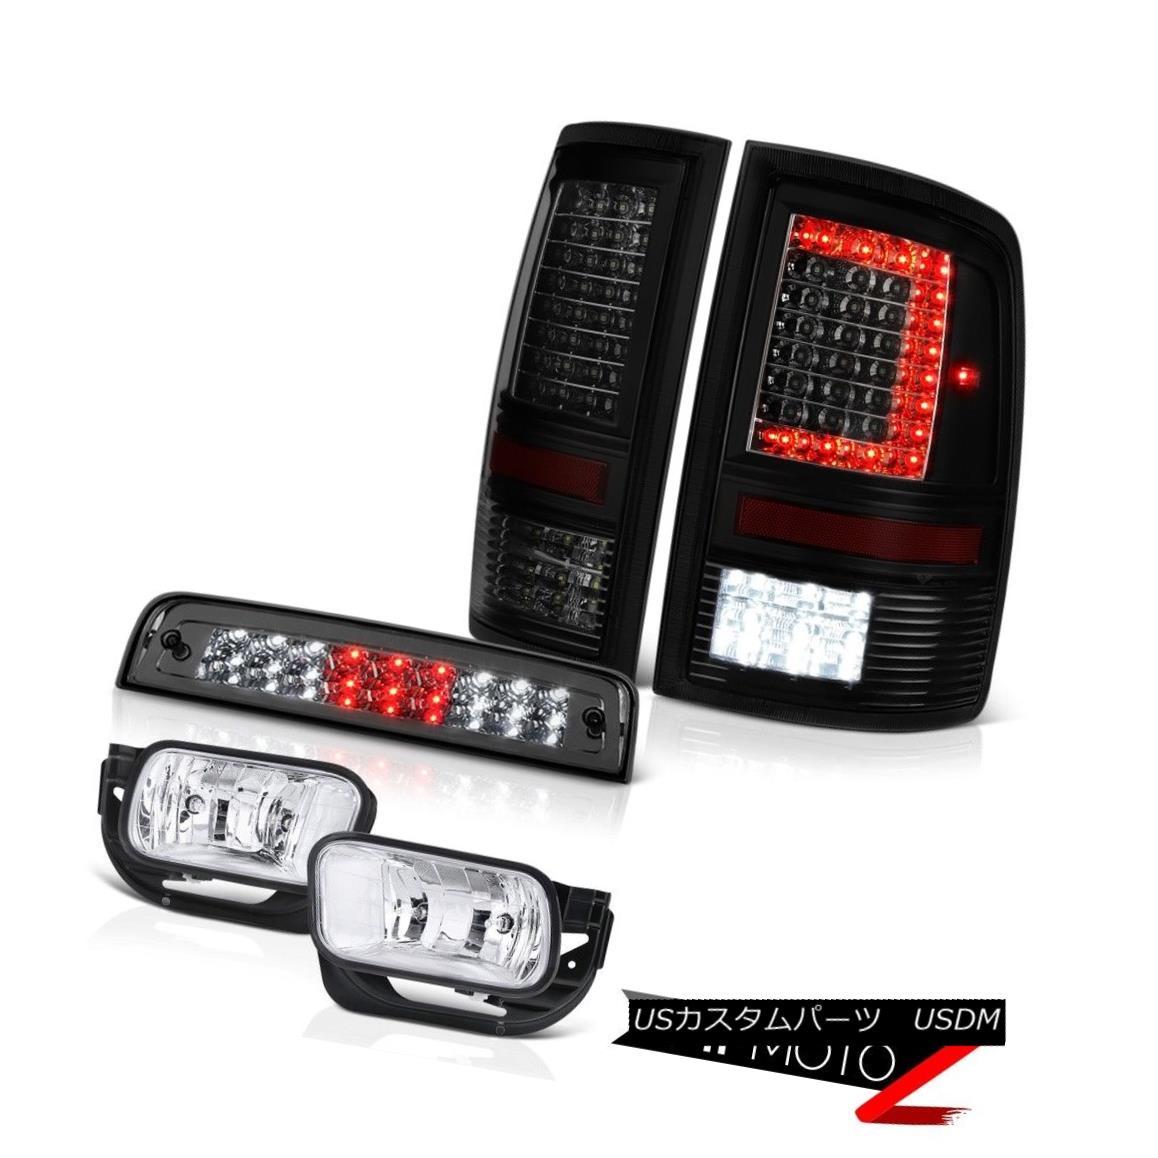 テールライト 09-14 15-18 Dodge RAM 3500 Tail Light Driving Lamp Third Brake Lights SET PAIR 09-14 15-18ダッジRAM 3500テールライト駆動ランプ第3ブレーキライトSET PAIR